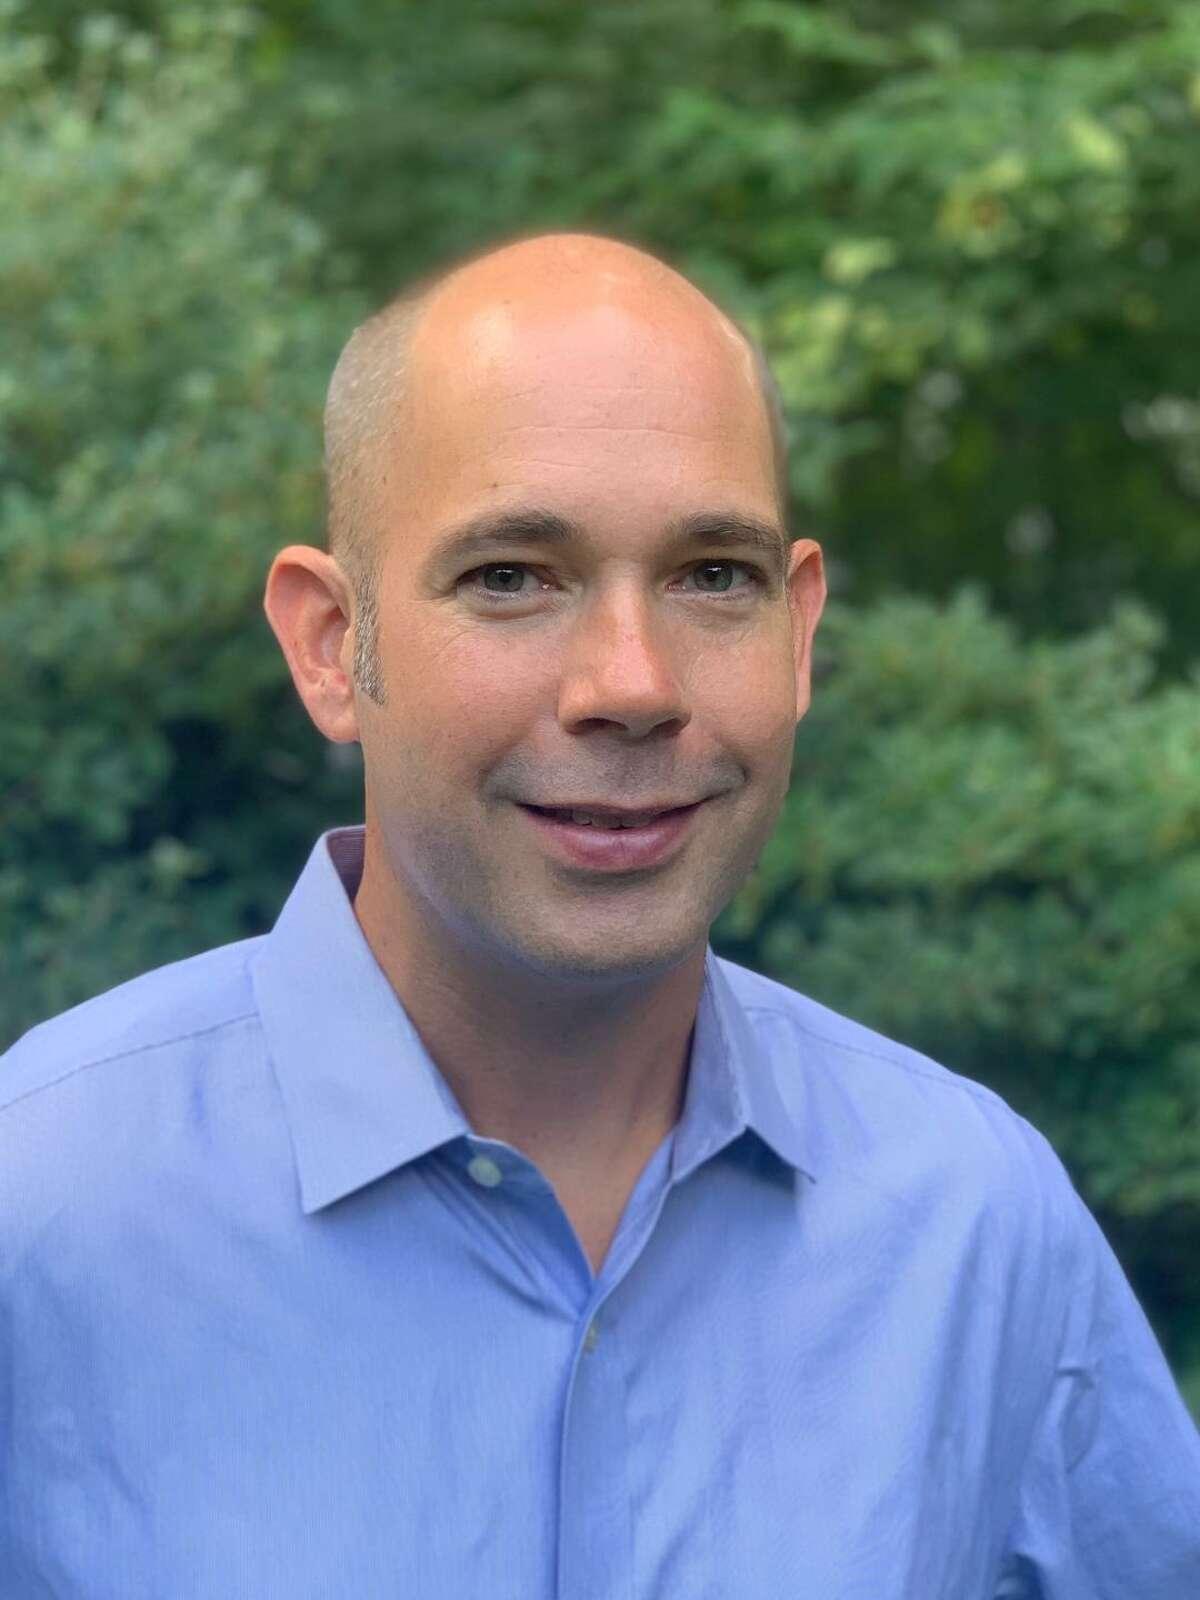 Joe Bittner